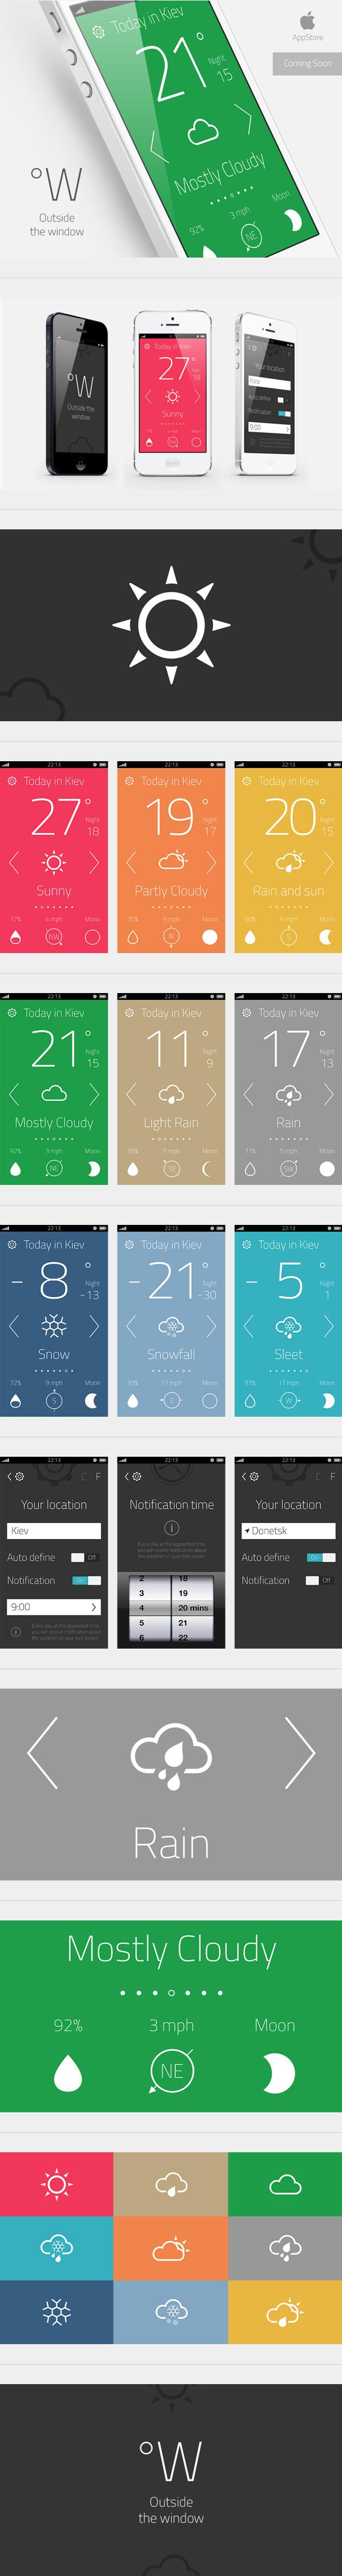 Endlich mal eine Wetter-App, die nicht mit diesen hoch polierten ...